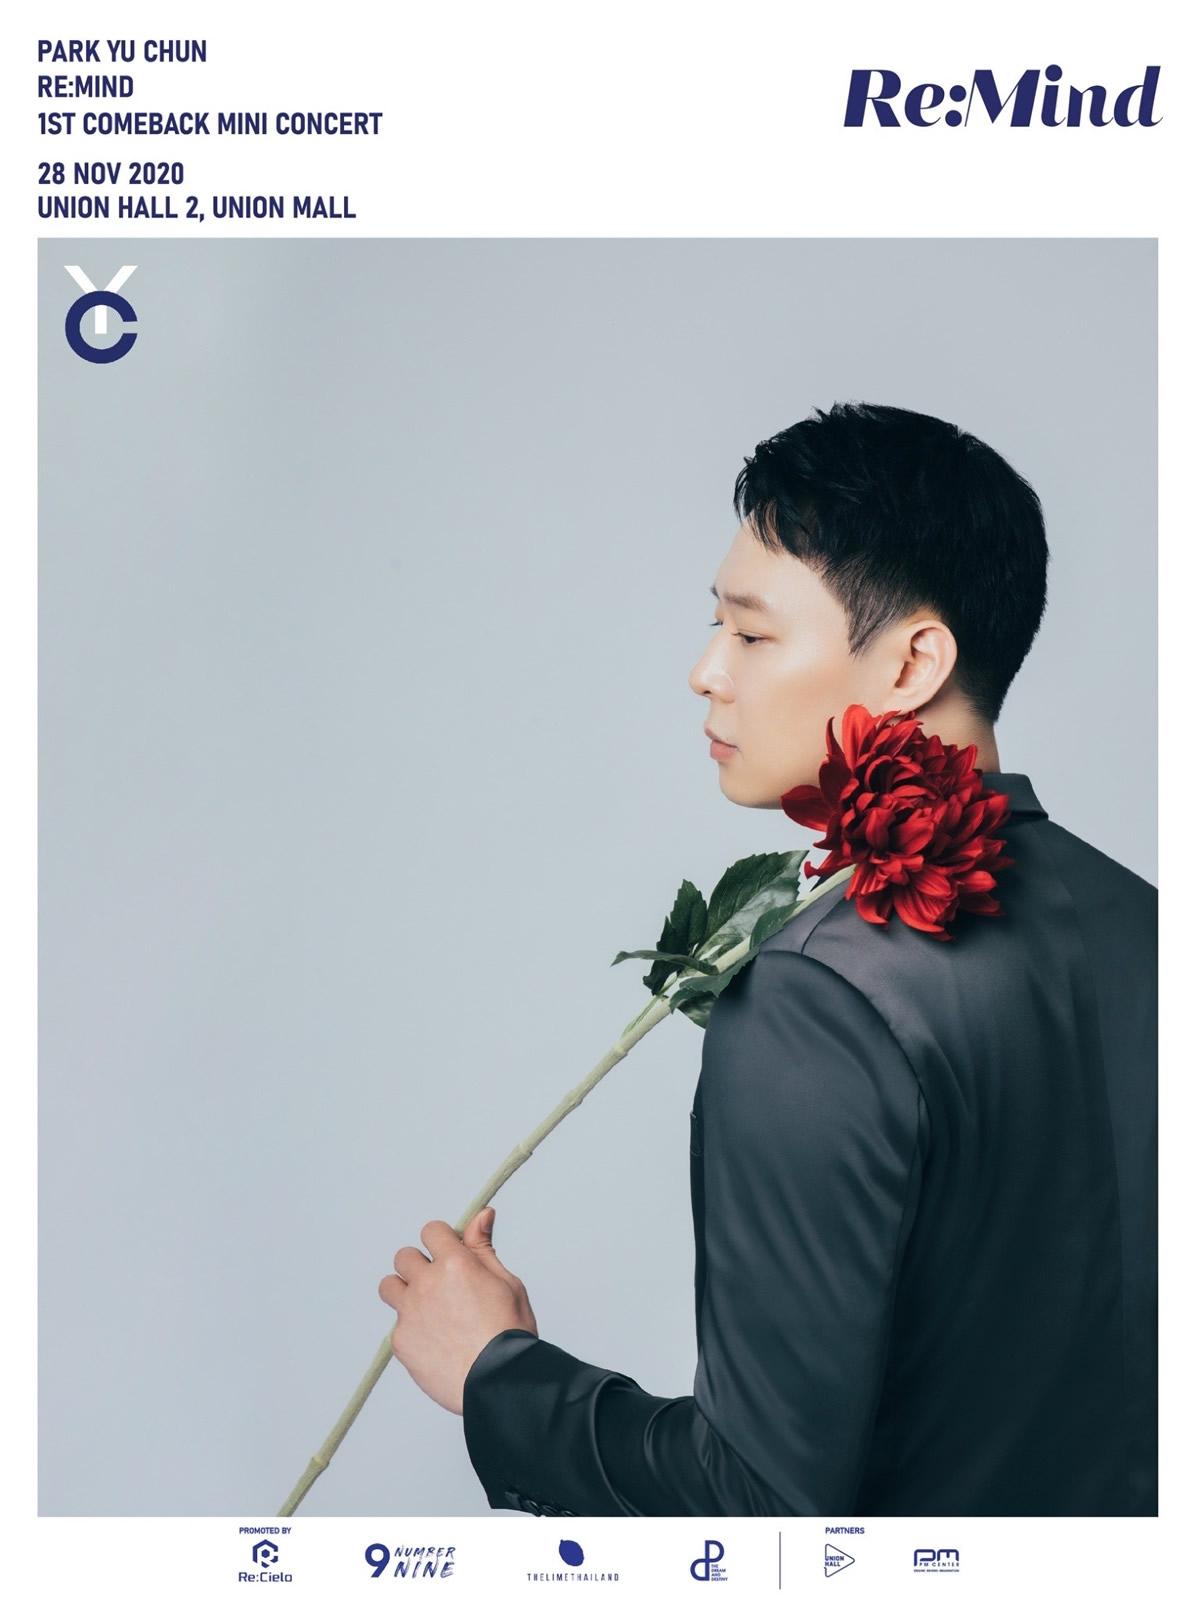 コンサートのため韓国人歌手パク・ユチョン(元JYJ)がタイ入国、マスク未着用で批判殺到は誤解